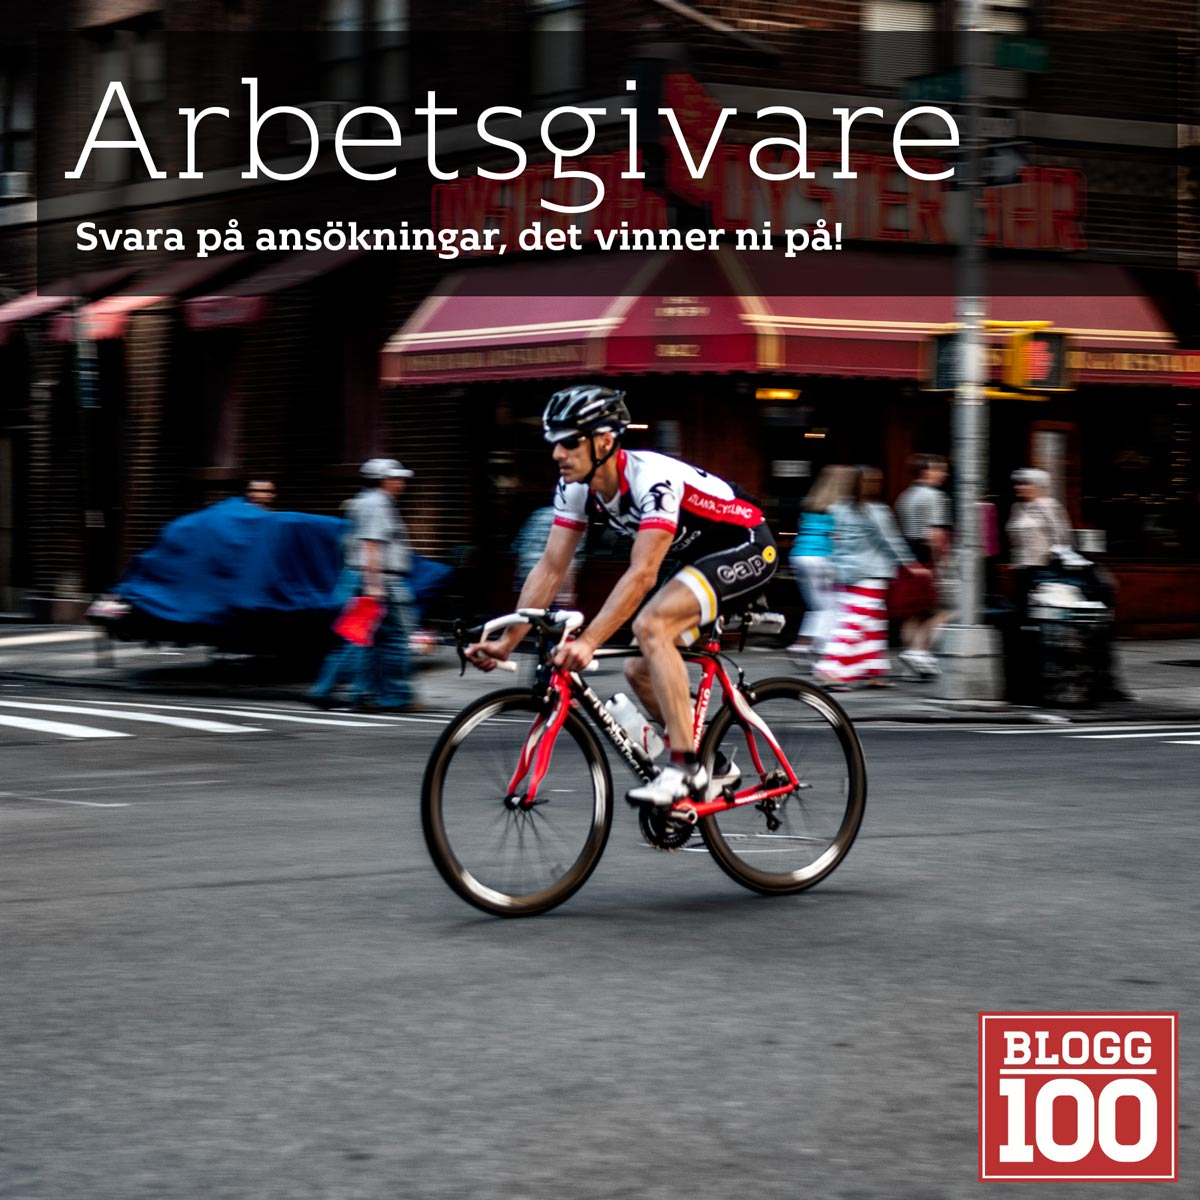 Arbetsgivare svara på ansökningar #nyttjobb #blogg100 #fb